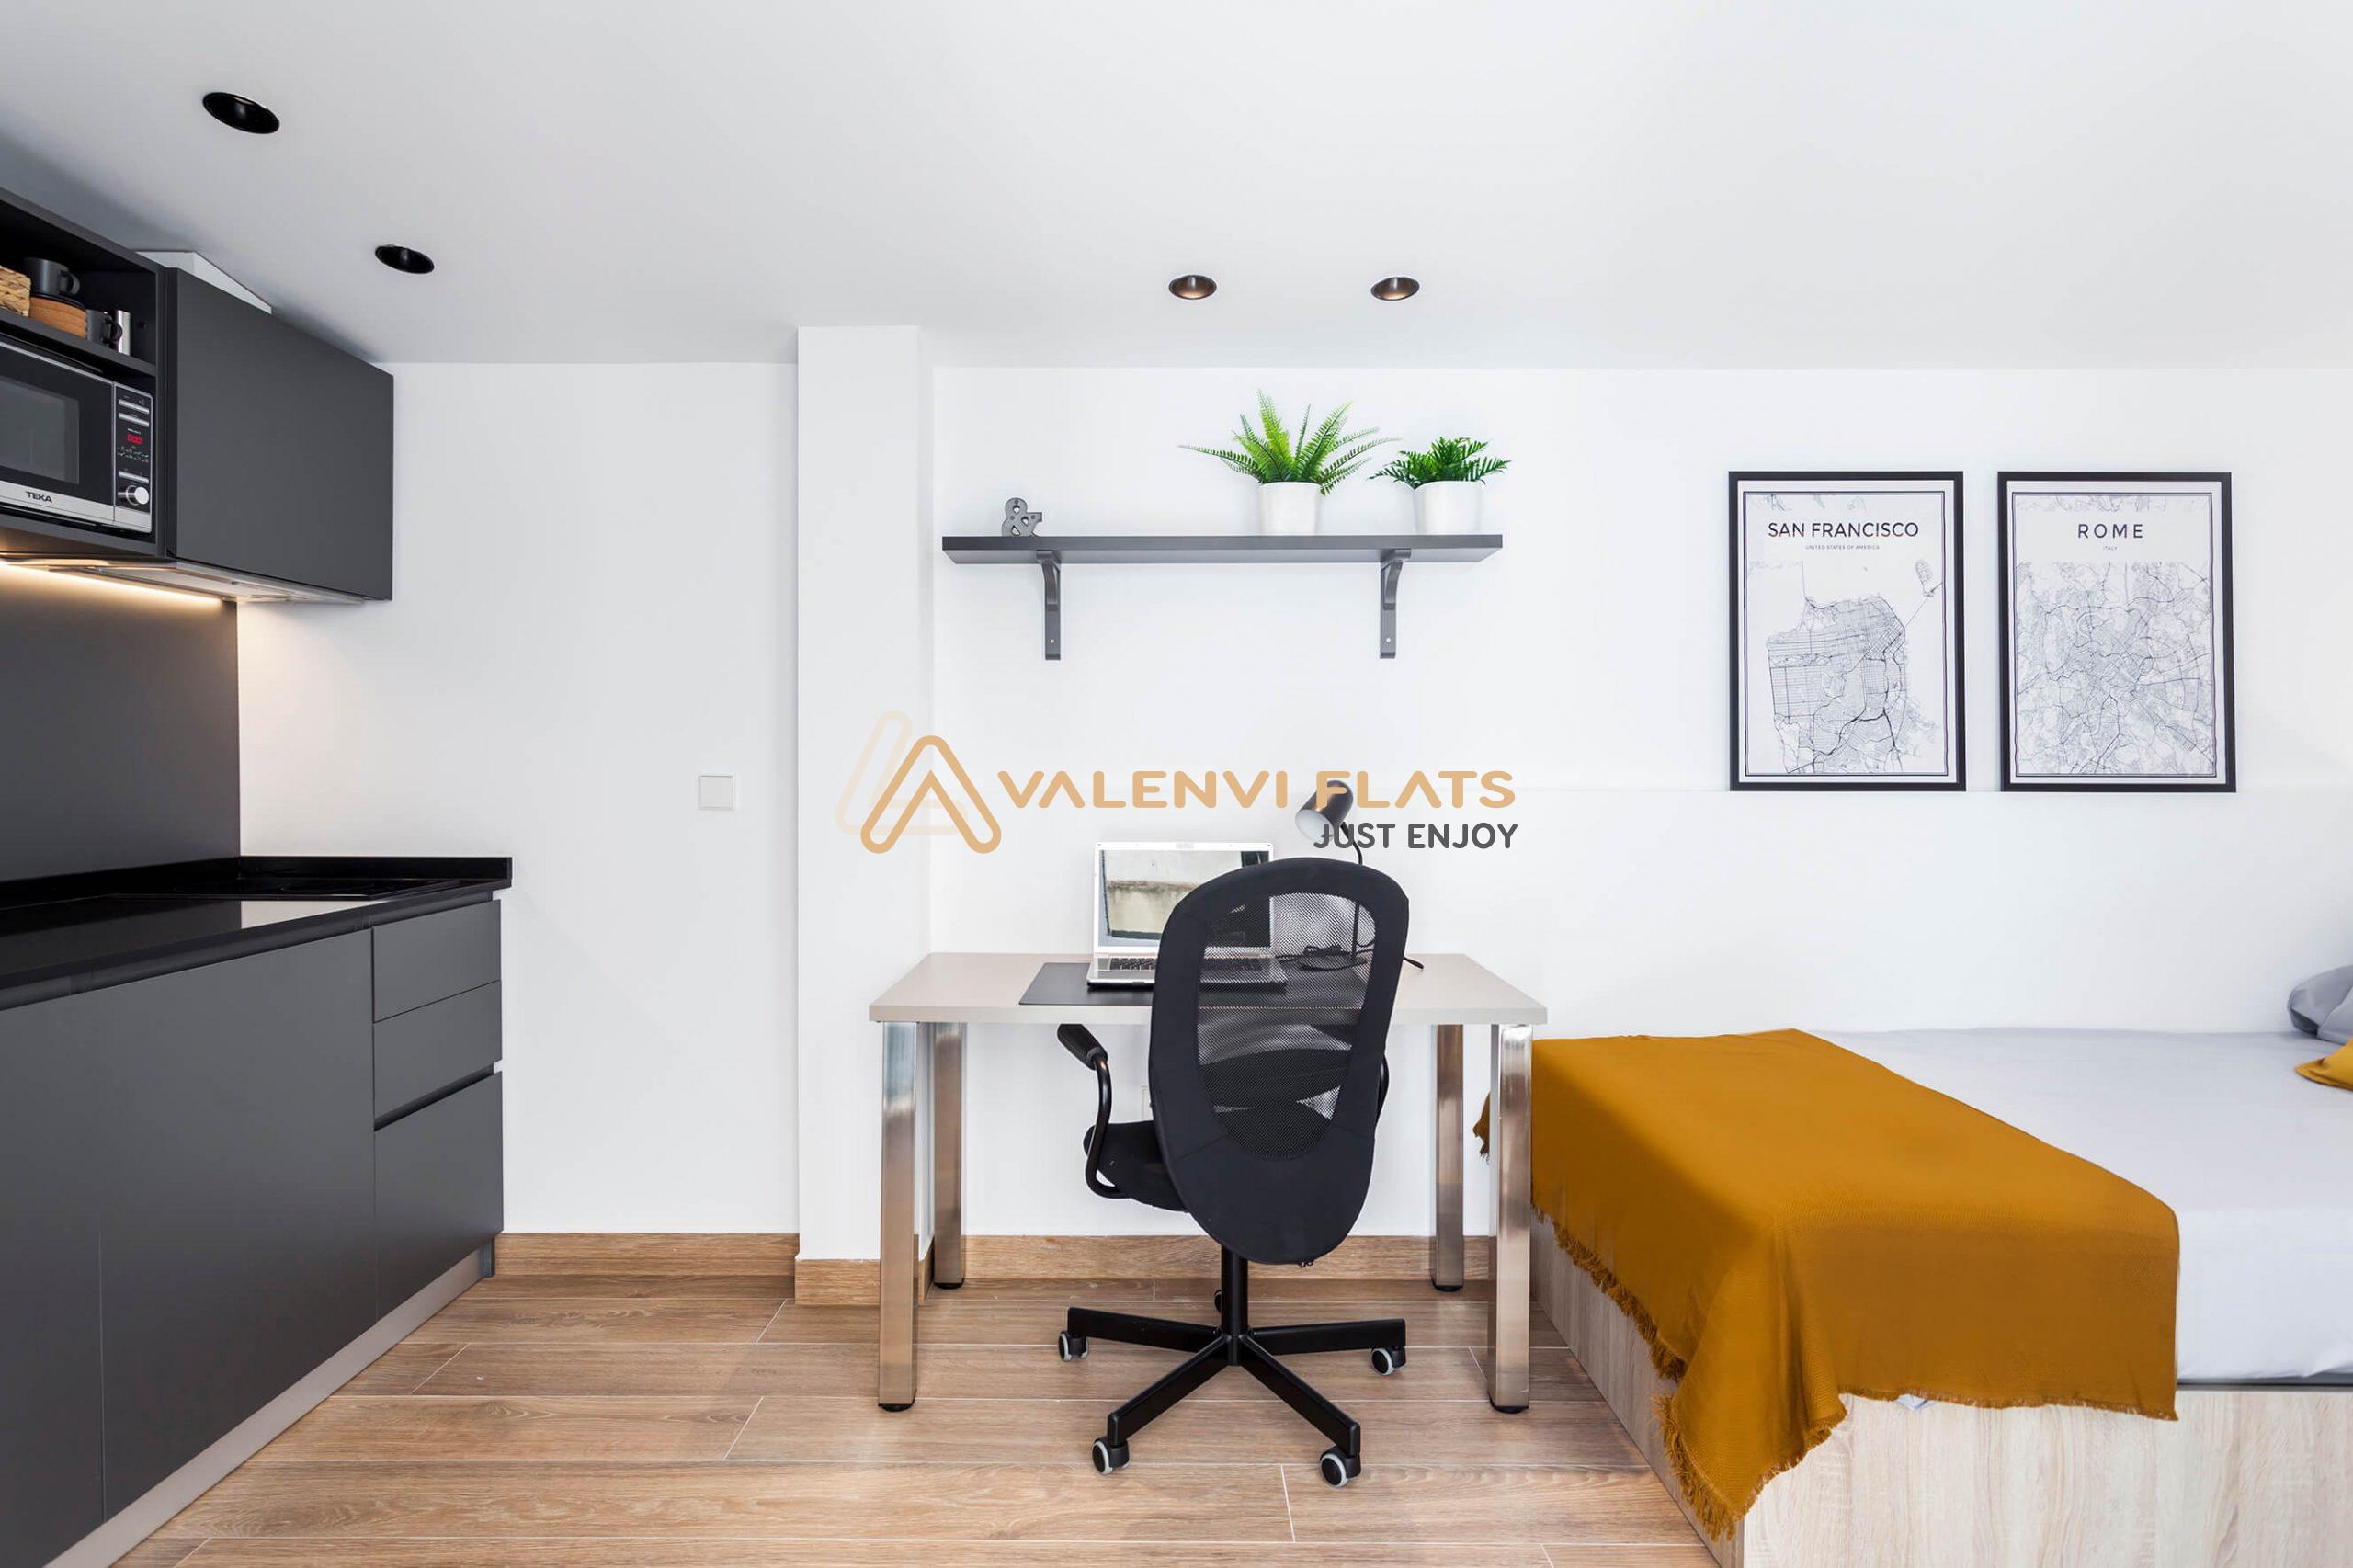 Panorámica del estudio individual con cocina office a un lado y su microondas, al centro la mesa de estudio y las baldas, y al lado derecho, la cama y unos cuadros